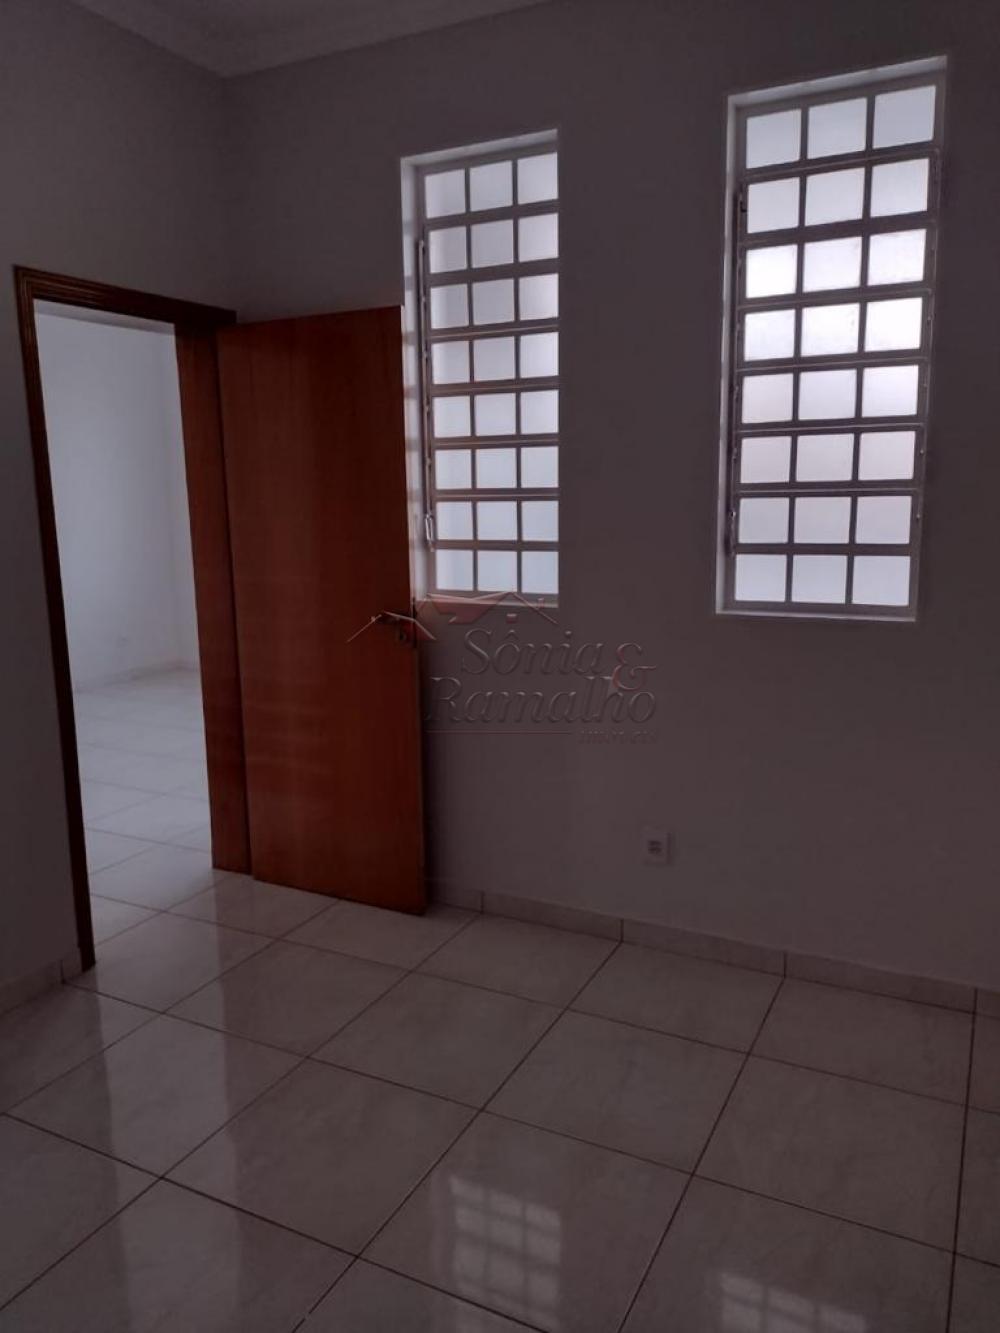 Alugar Casas / Padrão em Ribeirão Preto R$ 2.300,00 - Foto 8